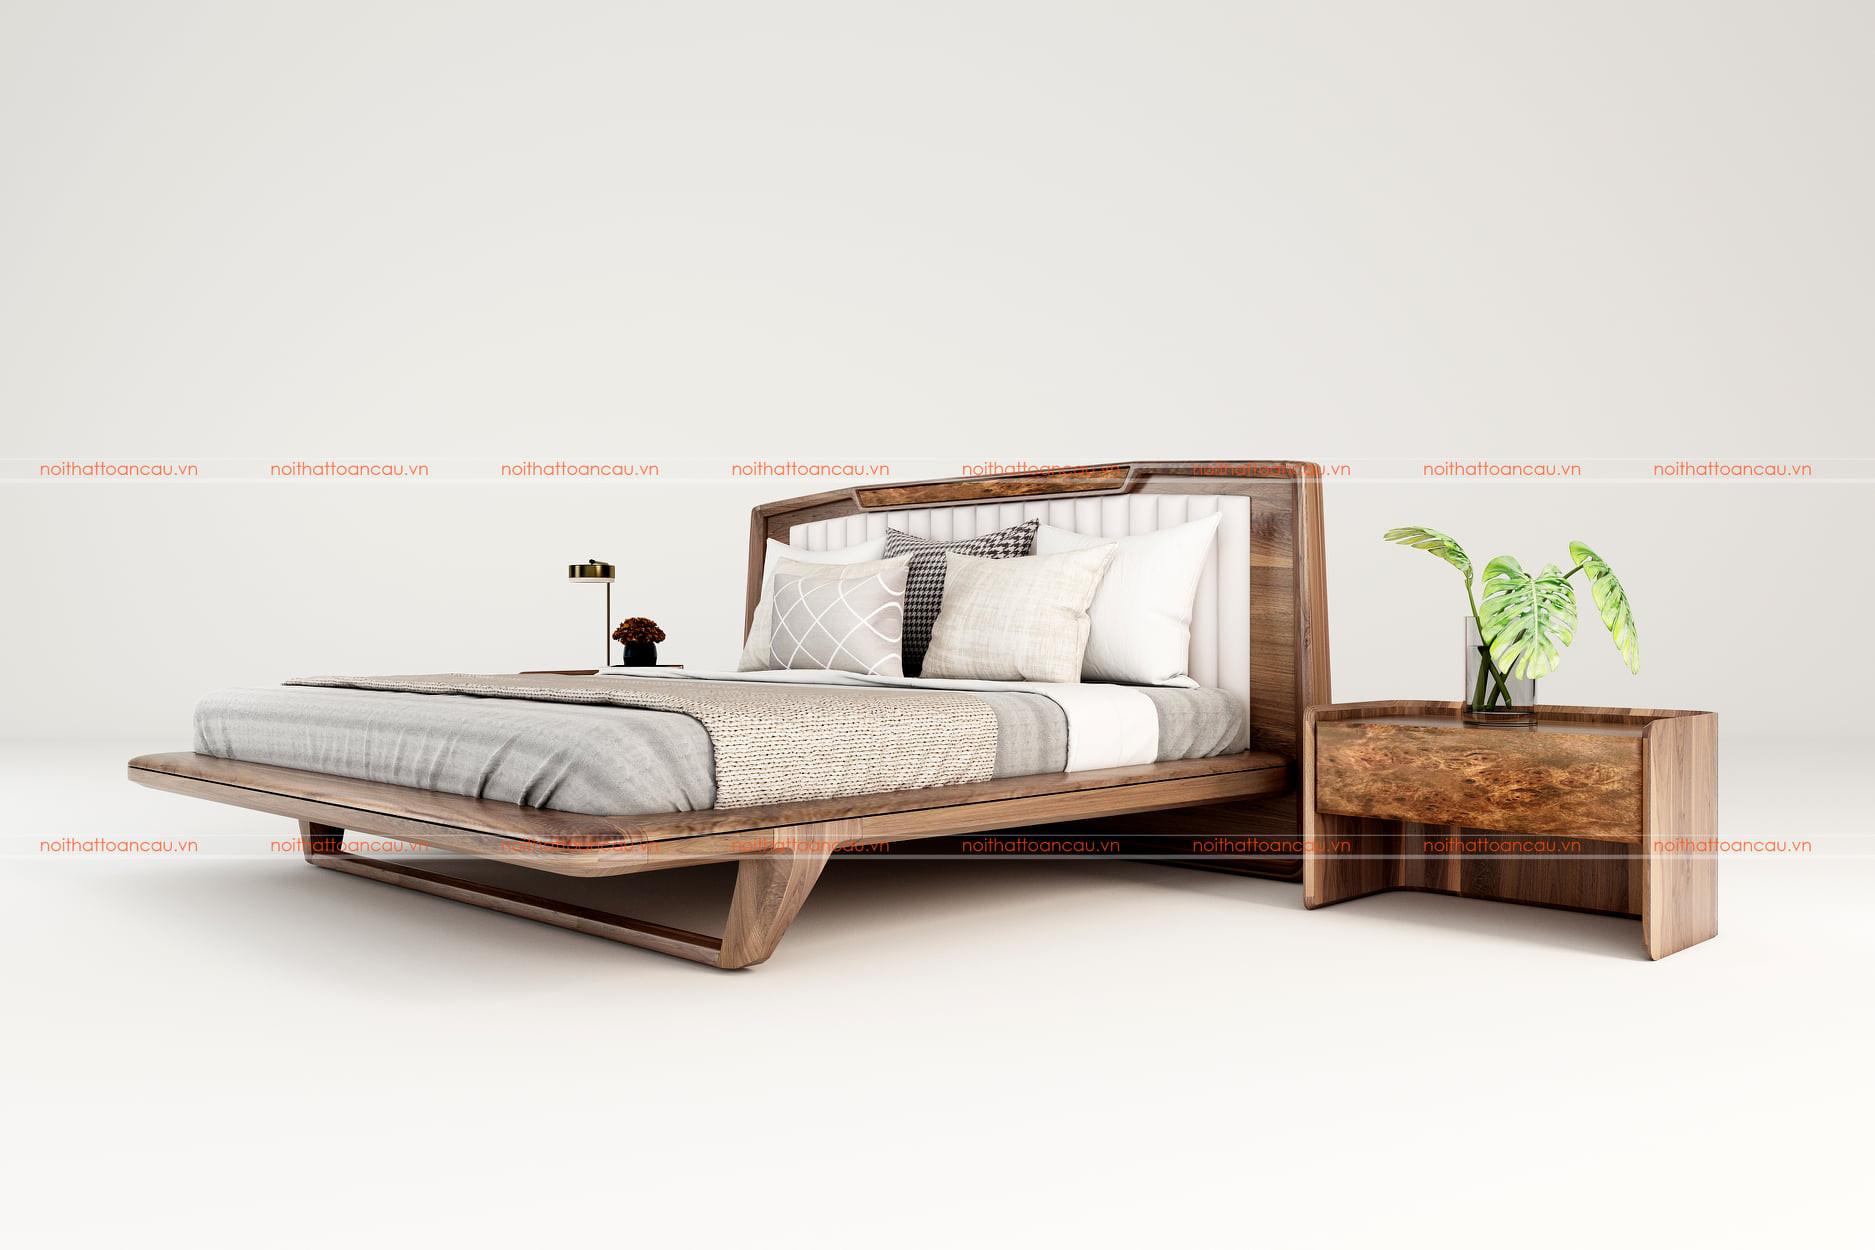 Giường gỗ óc chó hiện đại 1170